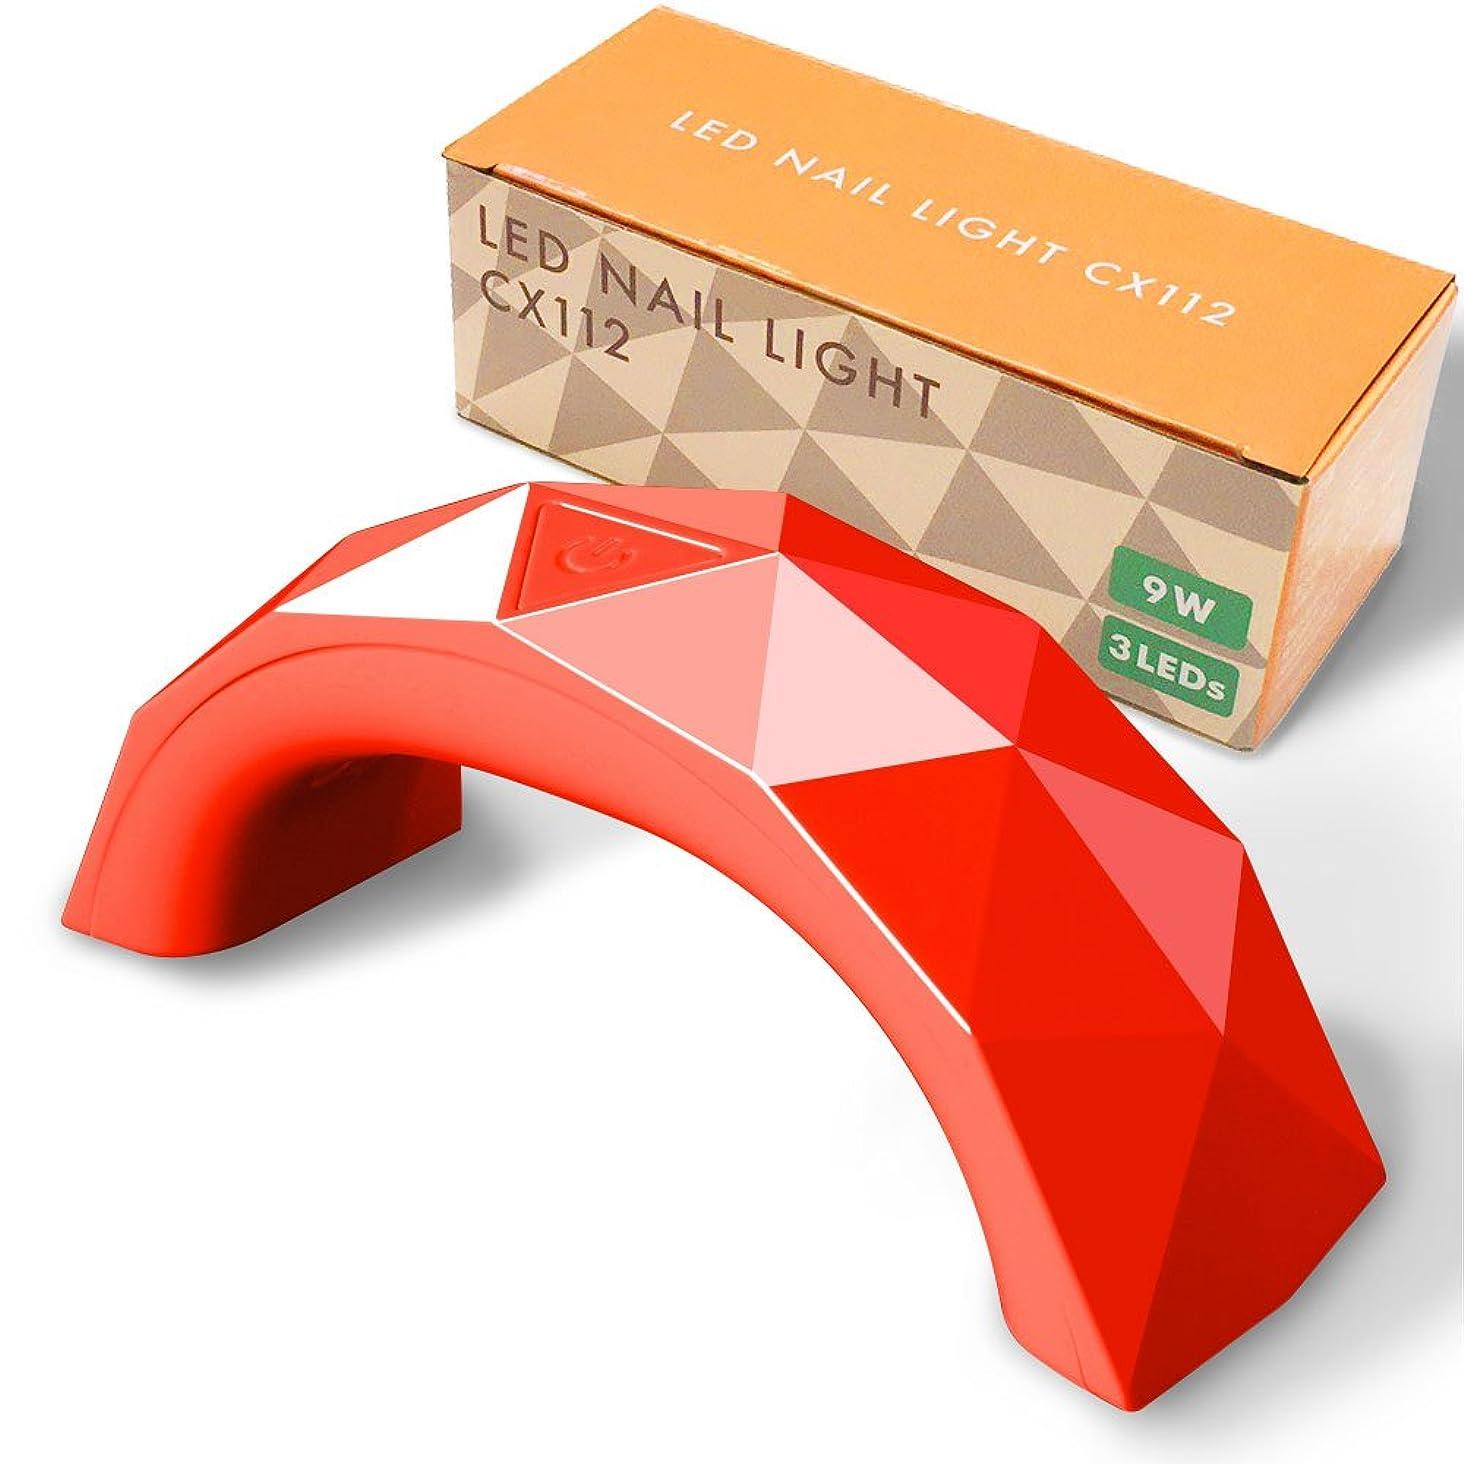 緯度コントラスト廃止【Centrex】【CX112】ジェルネイル LEDライト 9W 硬化用ライト タイマー付き ハイパワーチップ式LED球 USB式 (レッド)